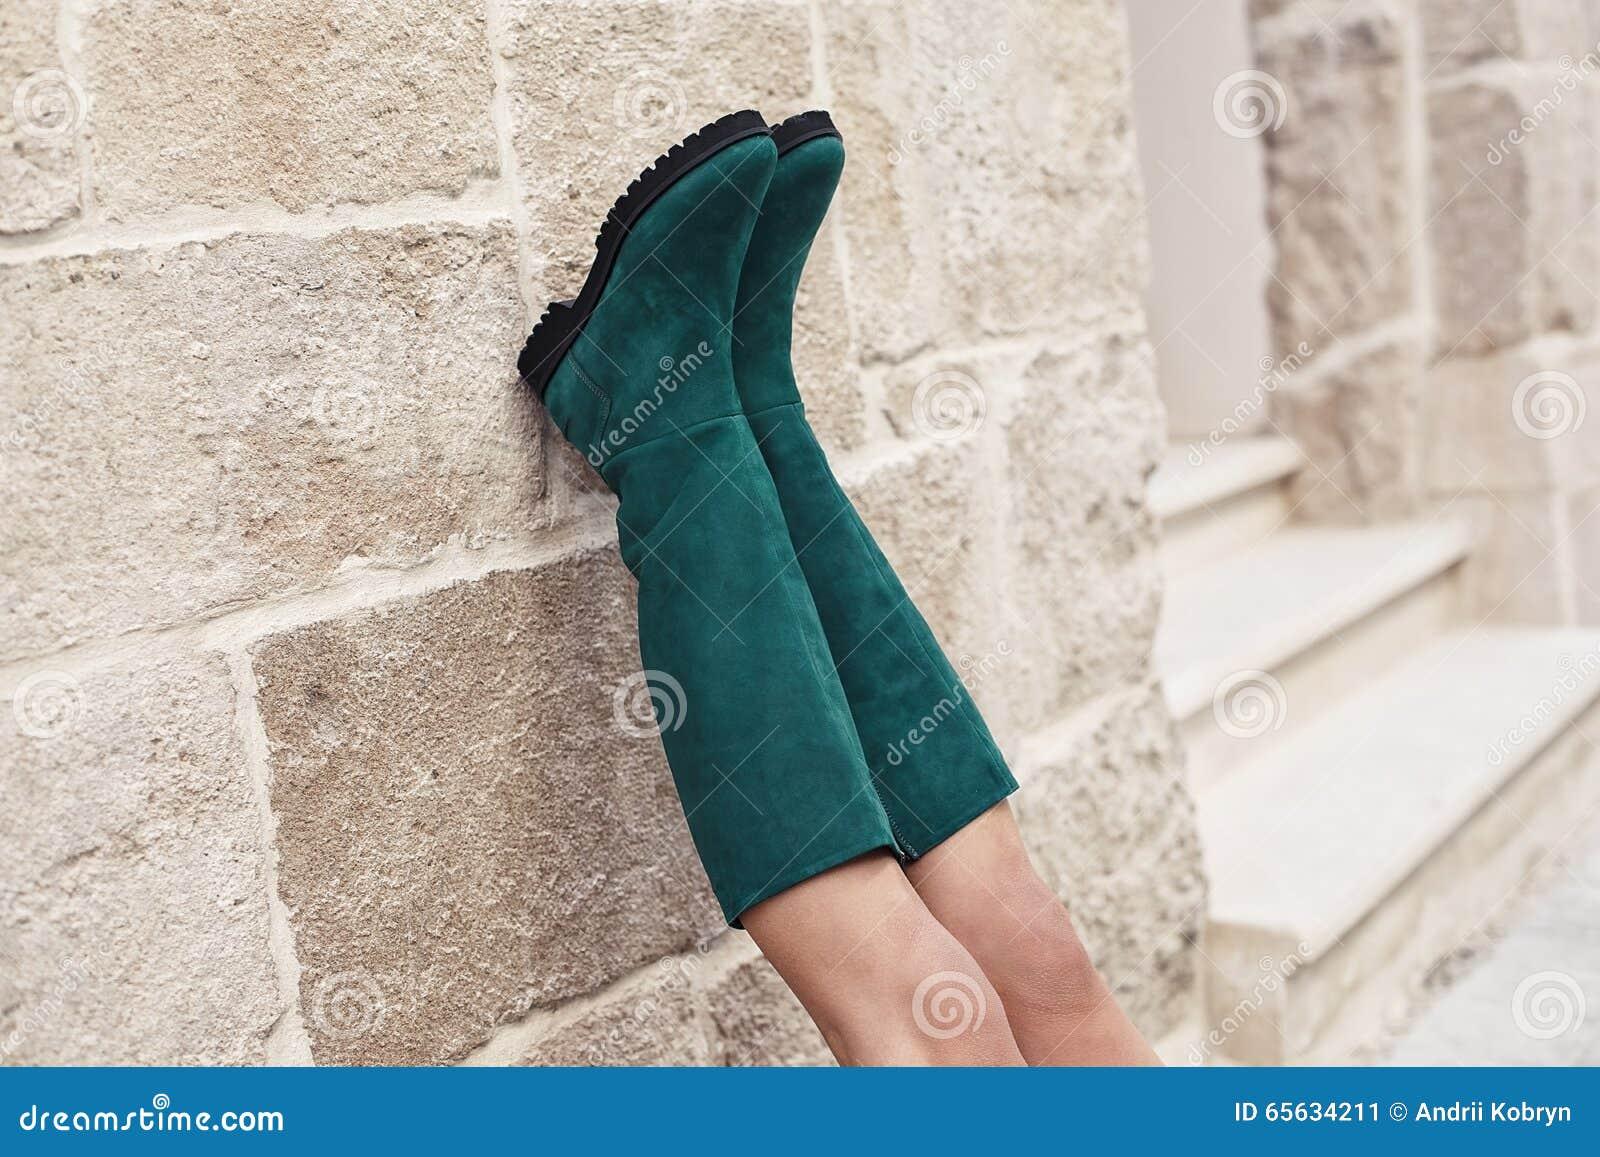 Bottes vertes sur les pieds de la femme se penchant sur le mur en pierre